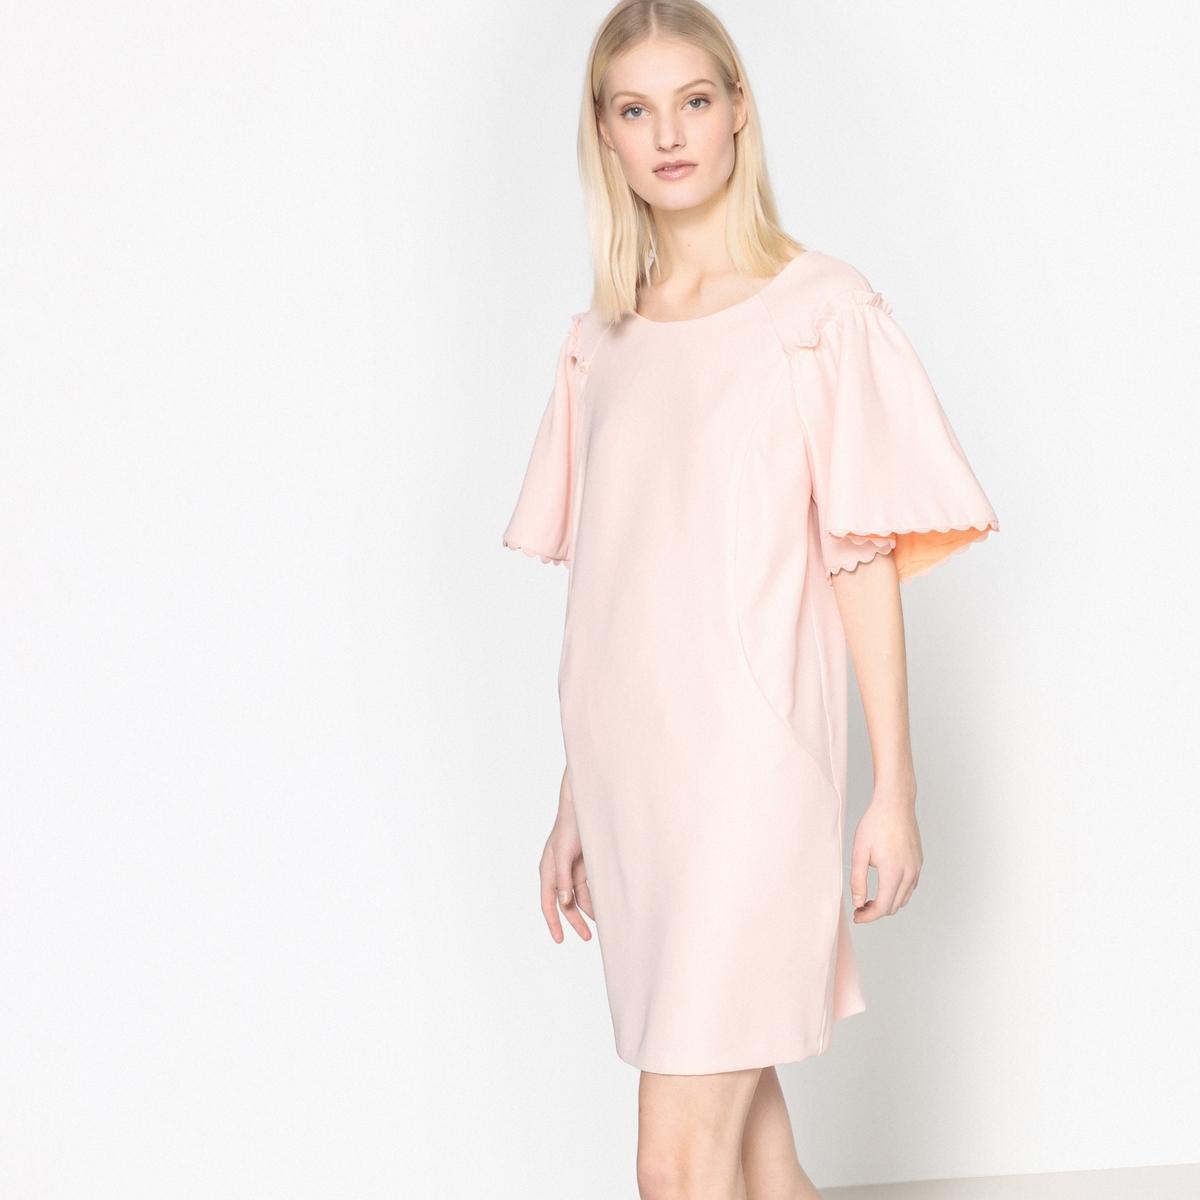 Платье La Redoute Короткое прямое однотонное с короткими рукавами 42 (FR) - 48 (RUS) розовый цена и фото